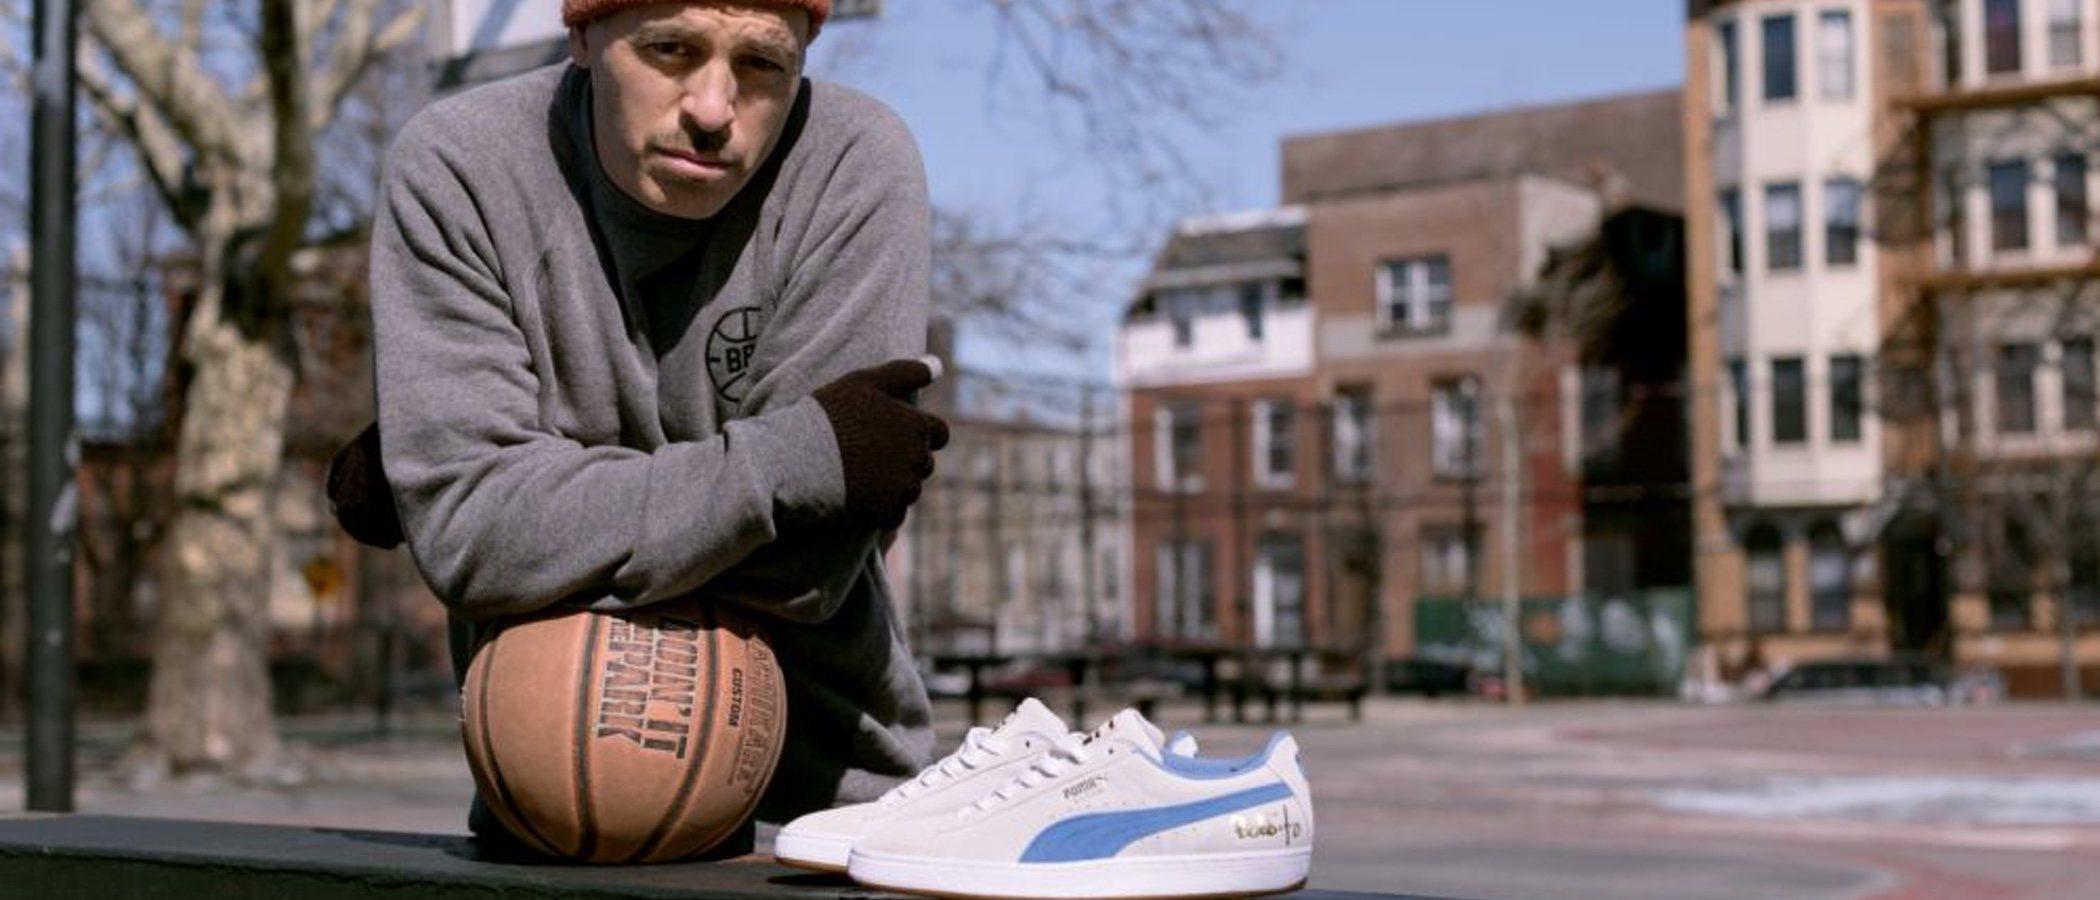 Robert 'Bobbito' García colabora con Puma en una original colección de zapatillas 'Suede'